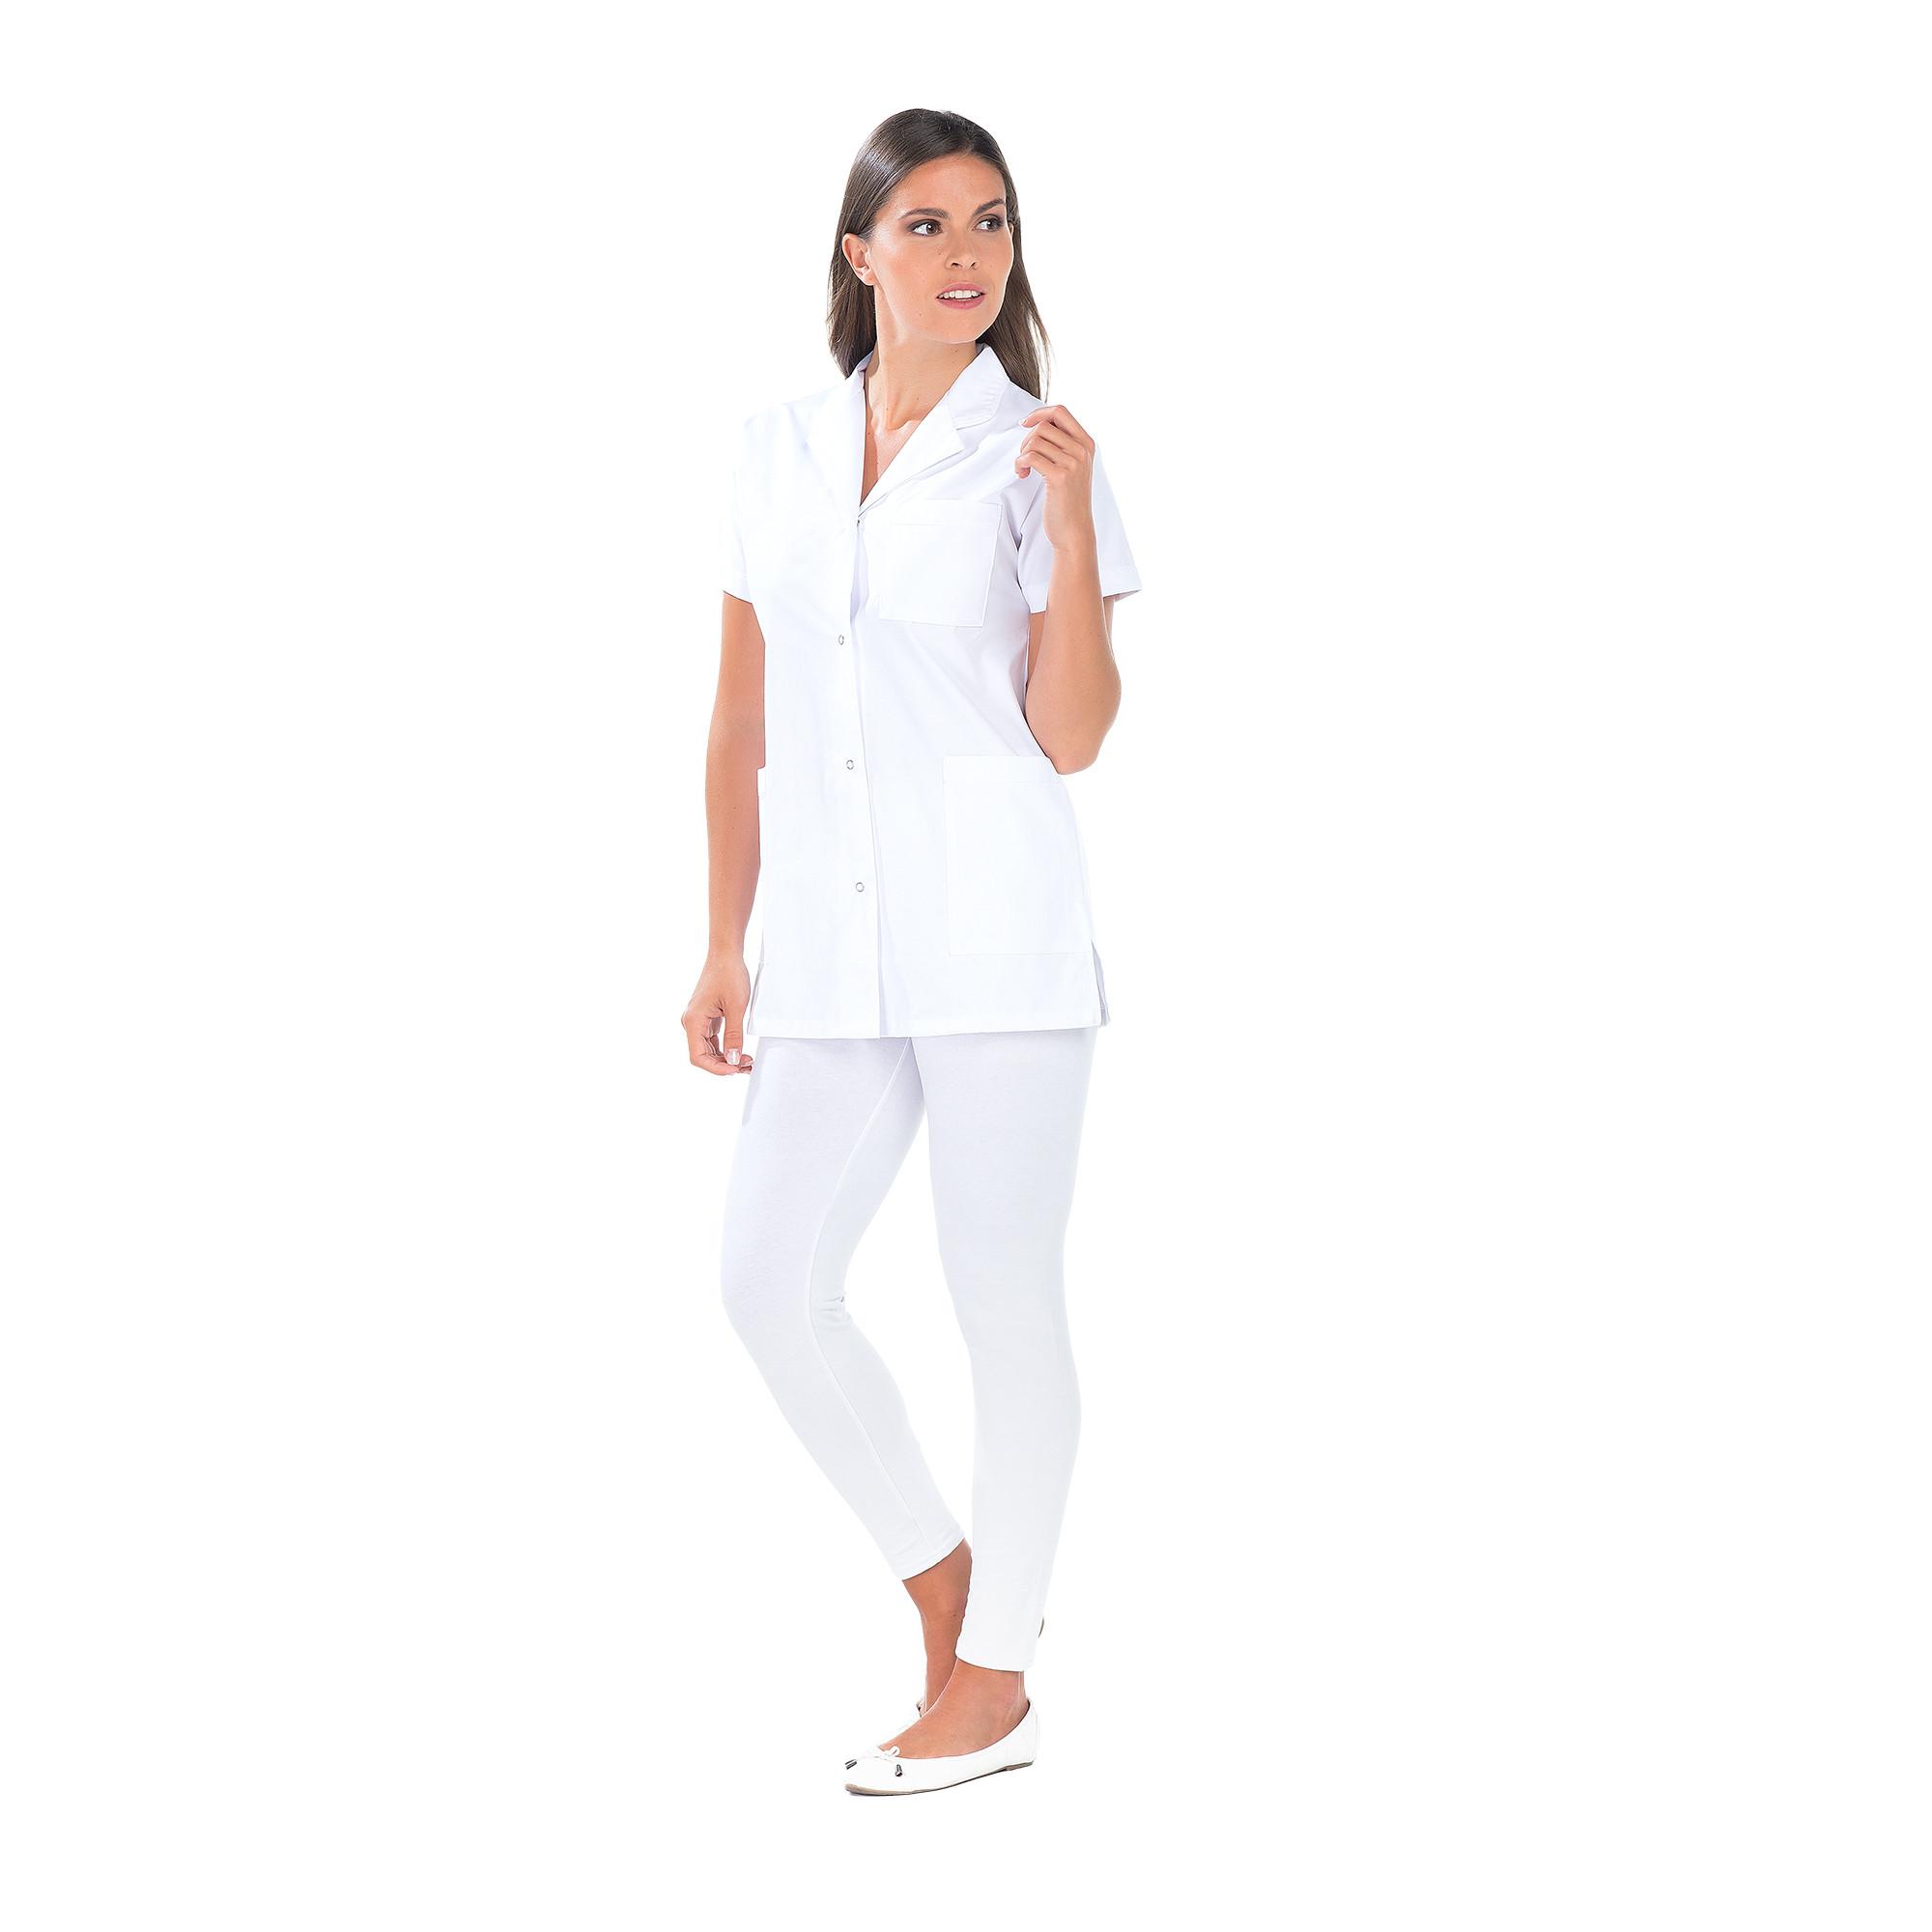 Mila - Tunique - Manches courtes - Femme - 75 cm